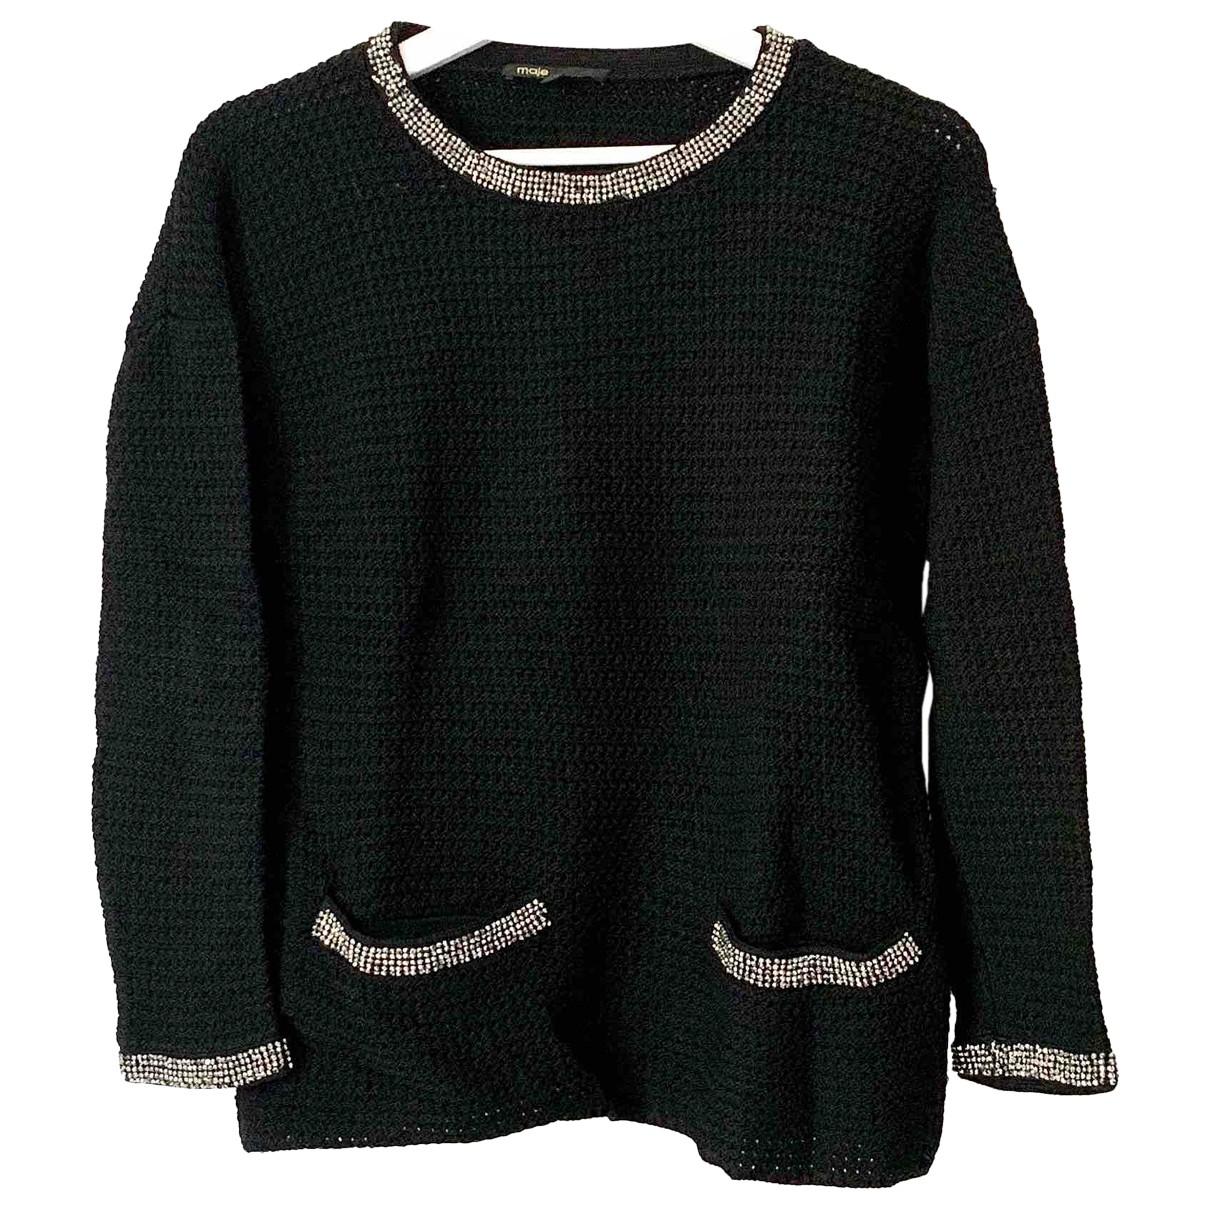 Maje \N Black Knitwear for Women 36 FR